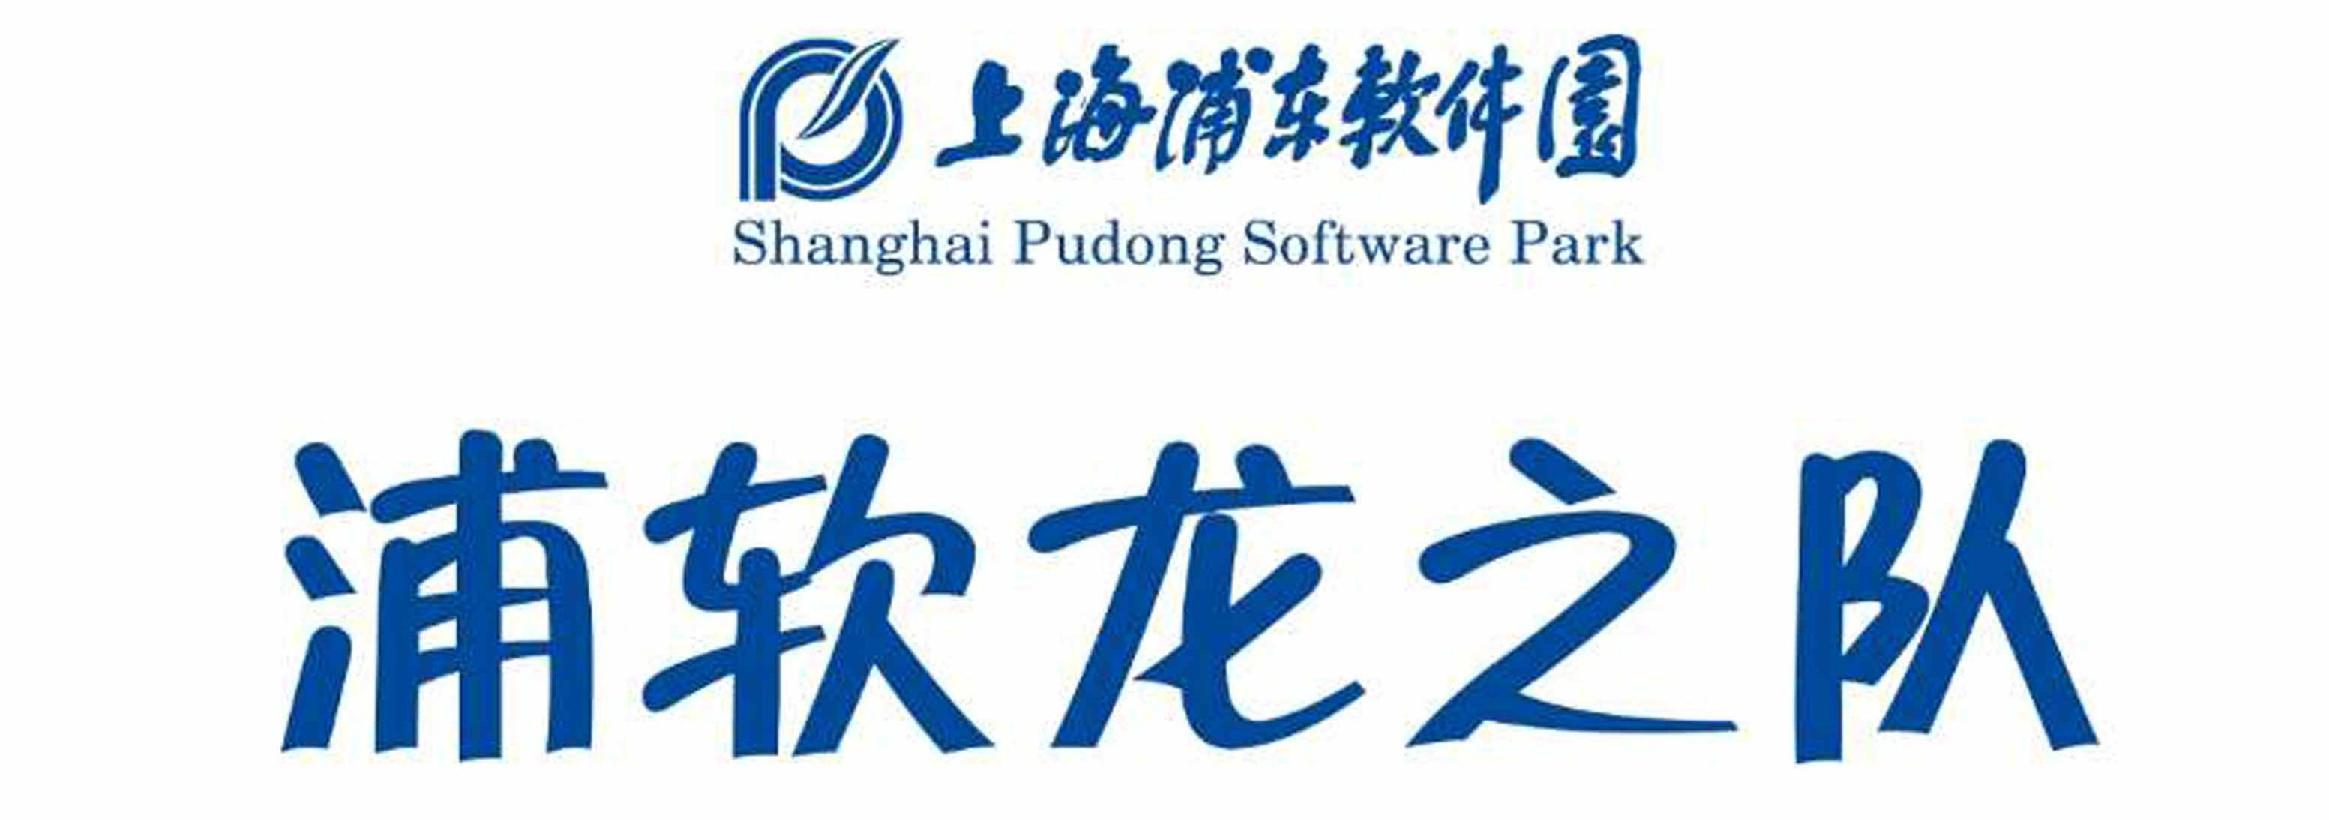 浦东软件园